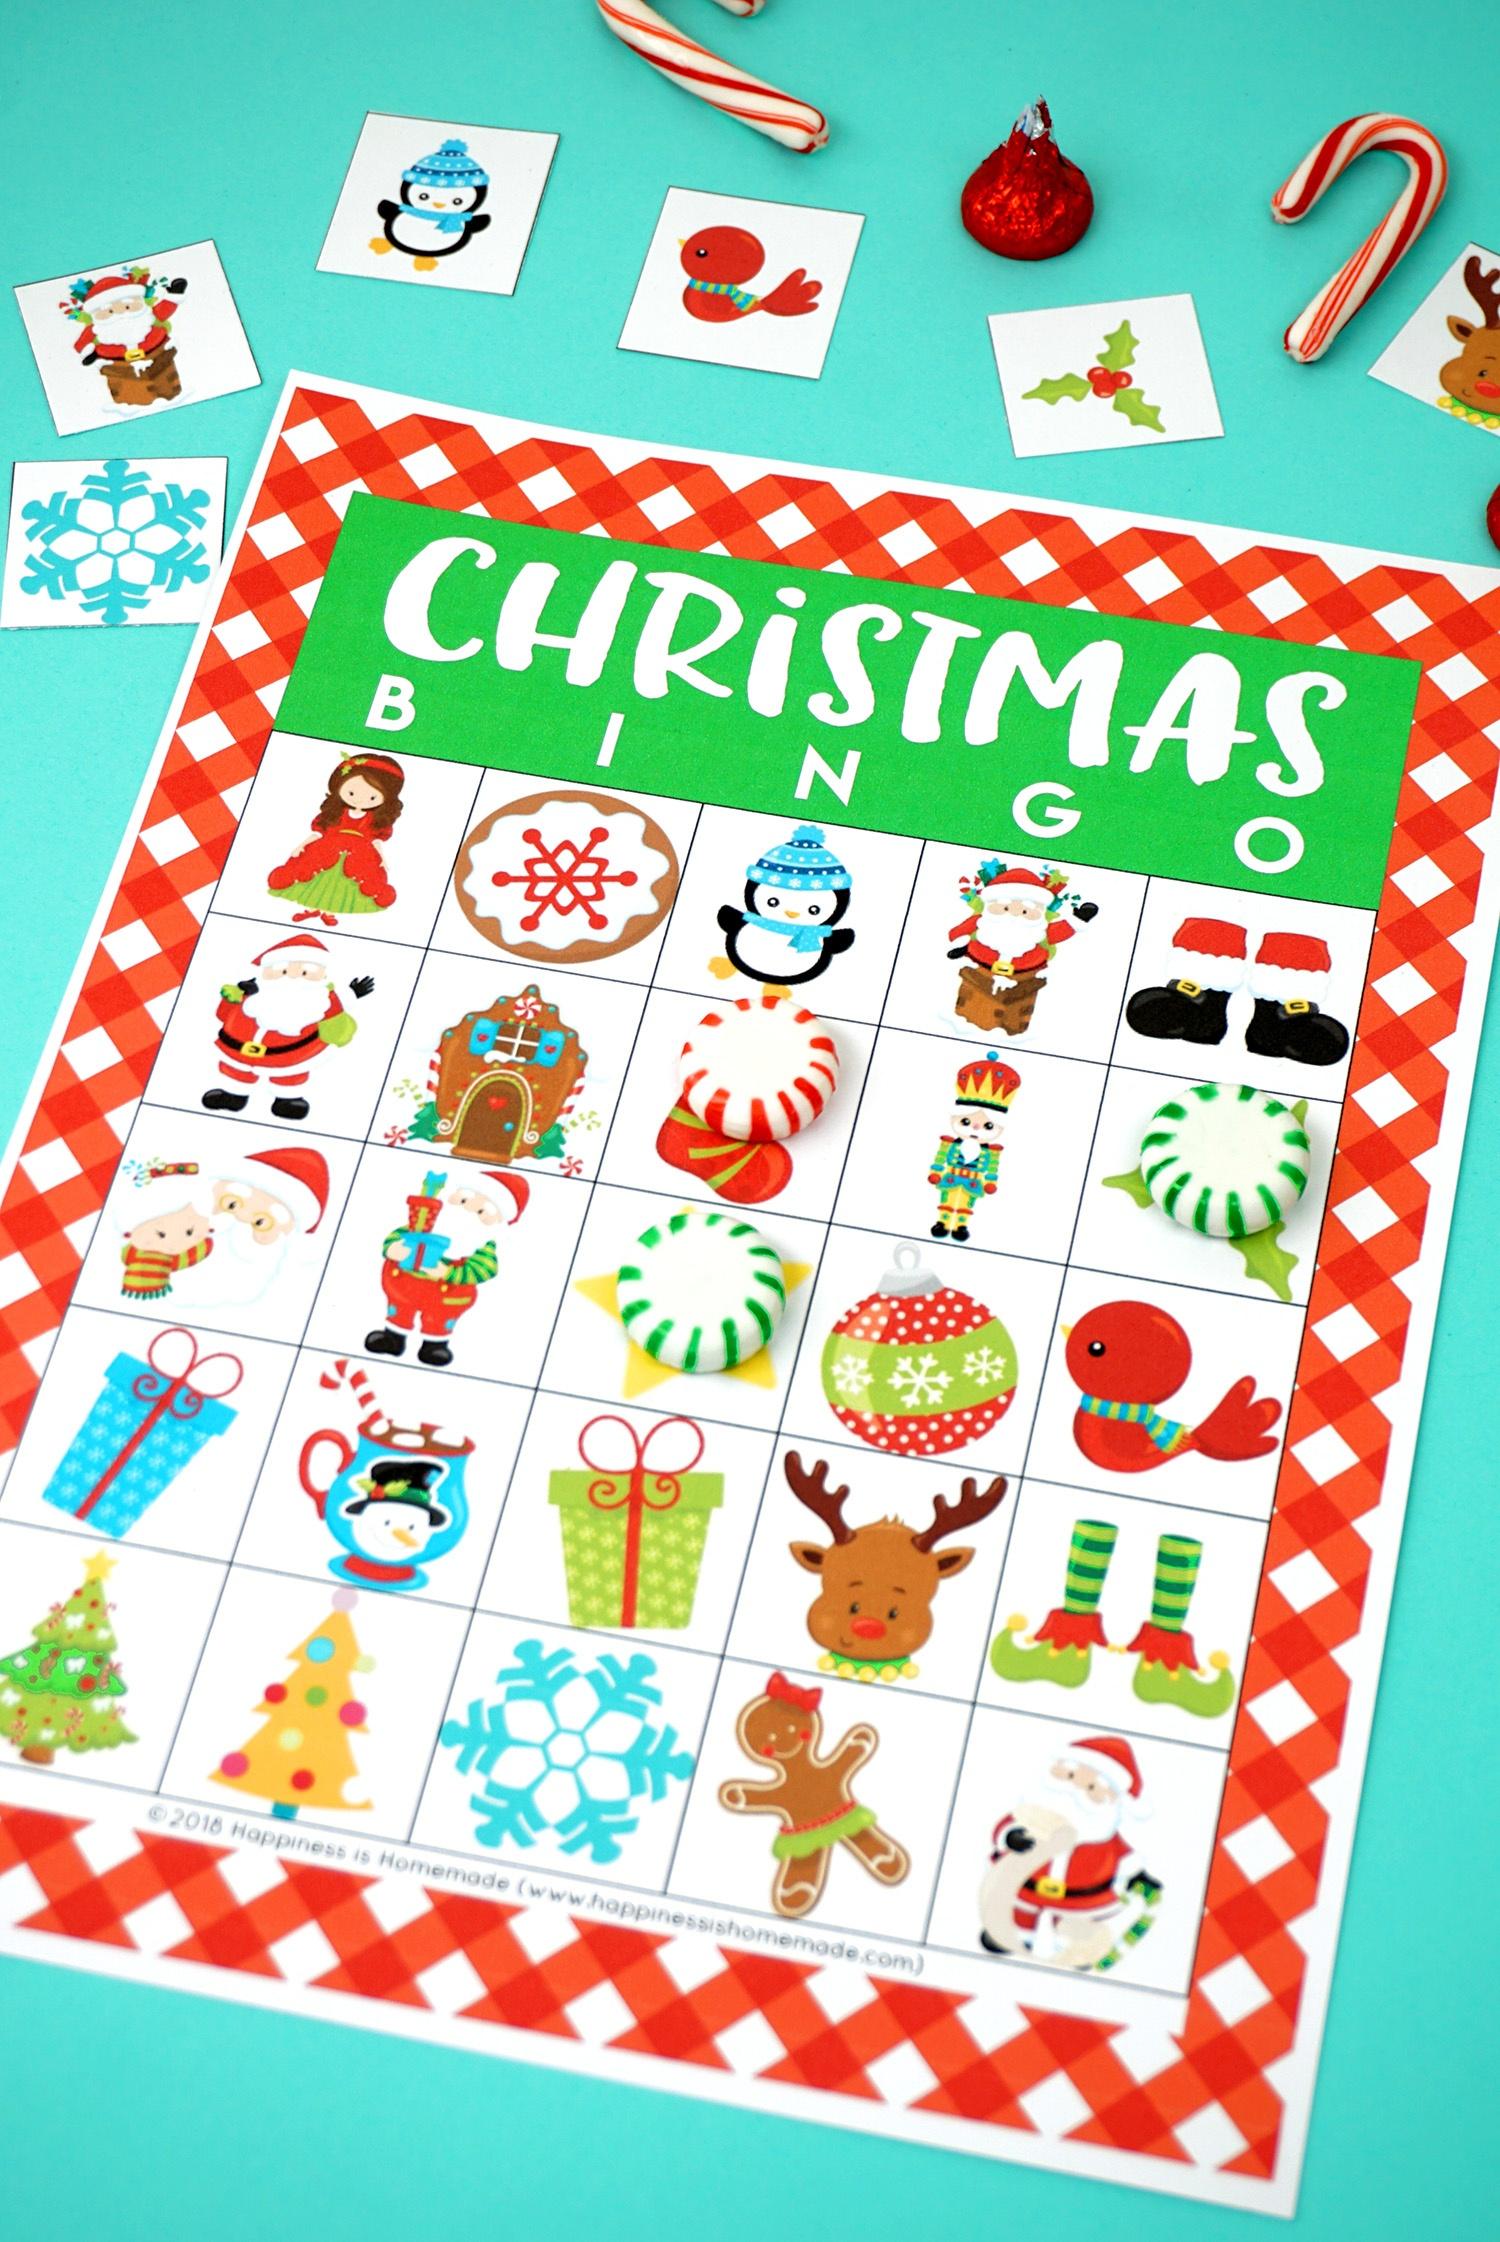 Printable Christmas Bingo Game - Happiness Is Homemade - Valentine Bingo Game Printable Free